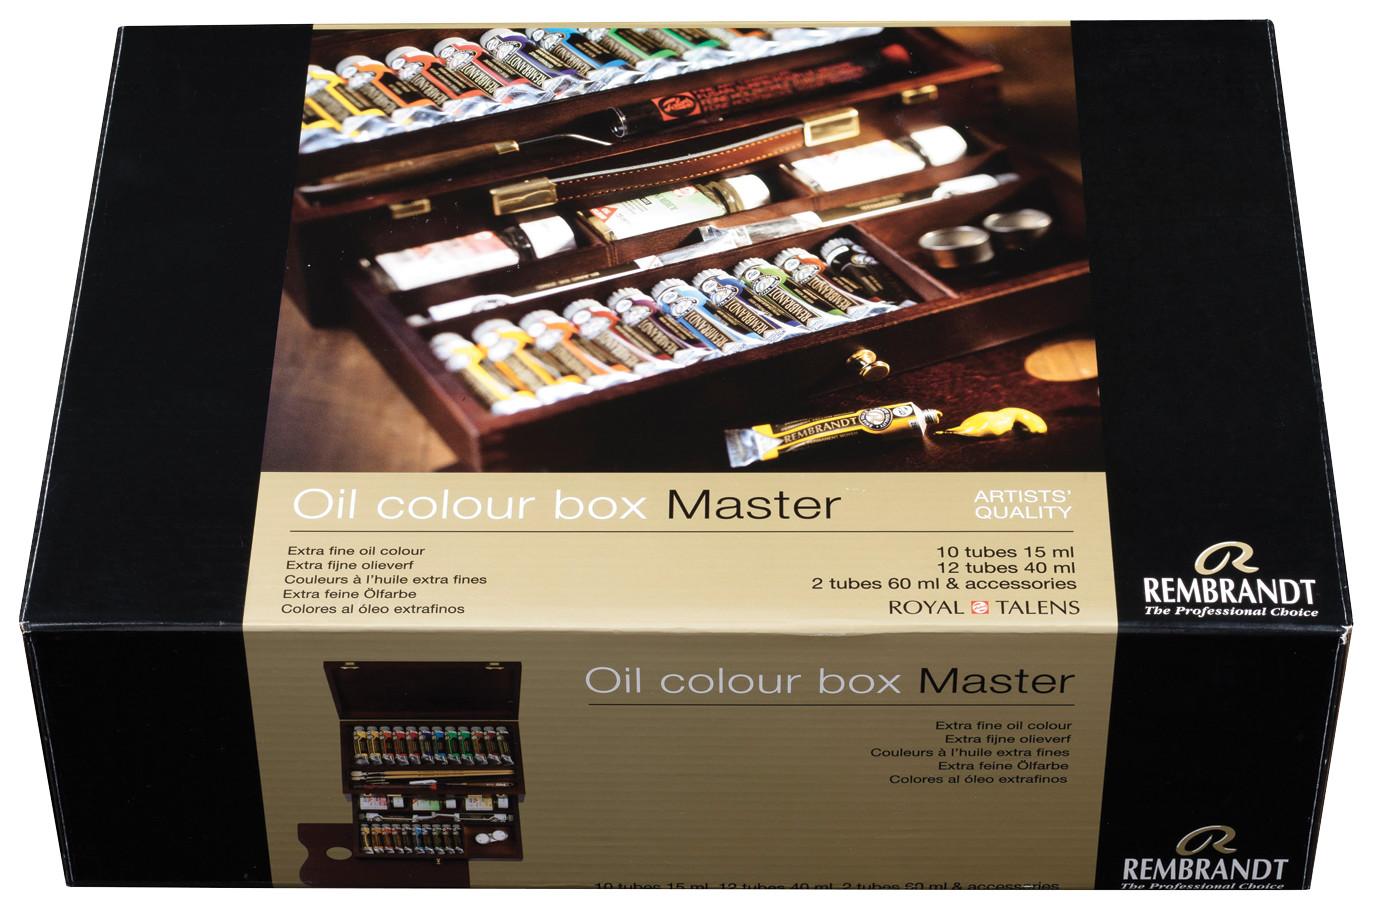 Rembrandt Oil colour Paint Master Wood Box Set, 10x15ml Tubes + 12x40ml Tubes + 2x60ml Tubes + 13 Accessories